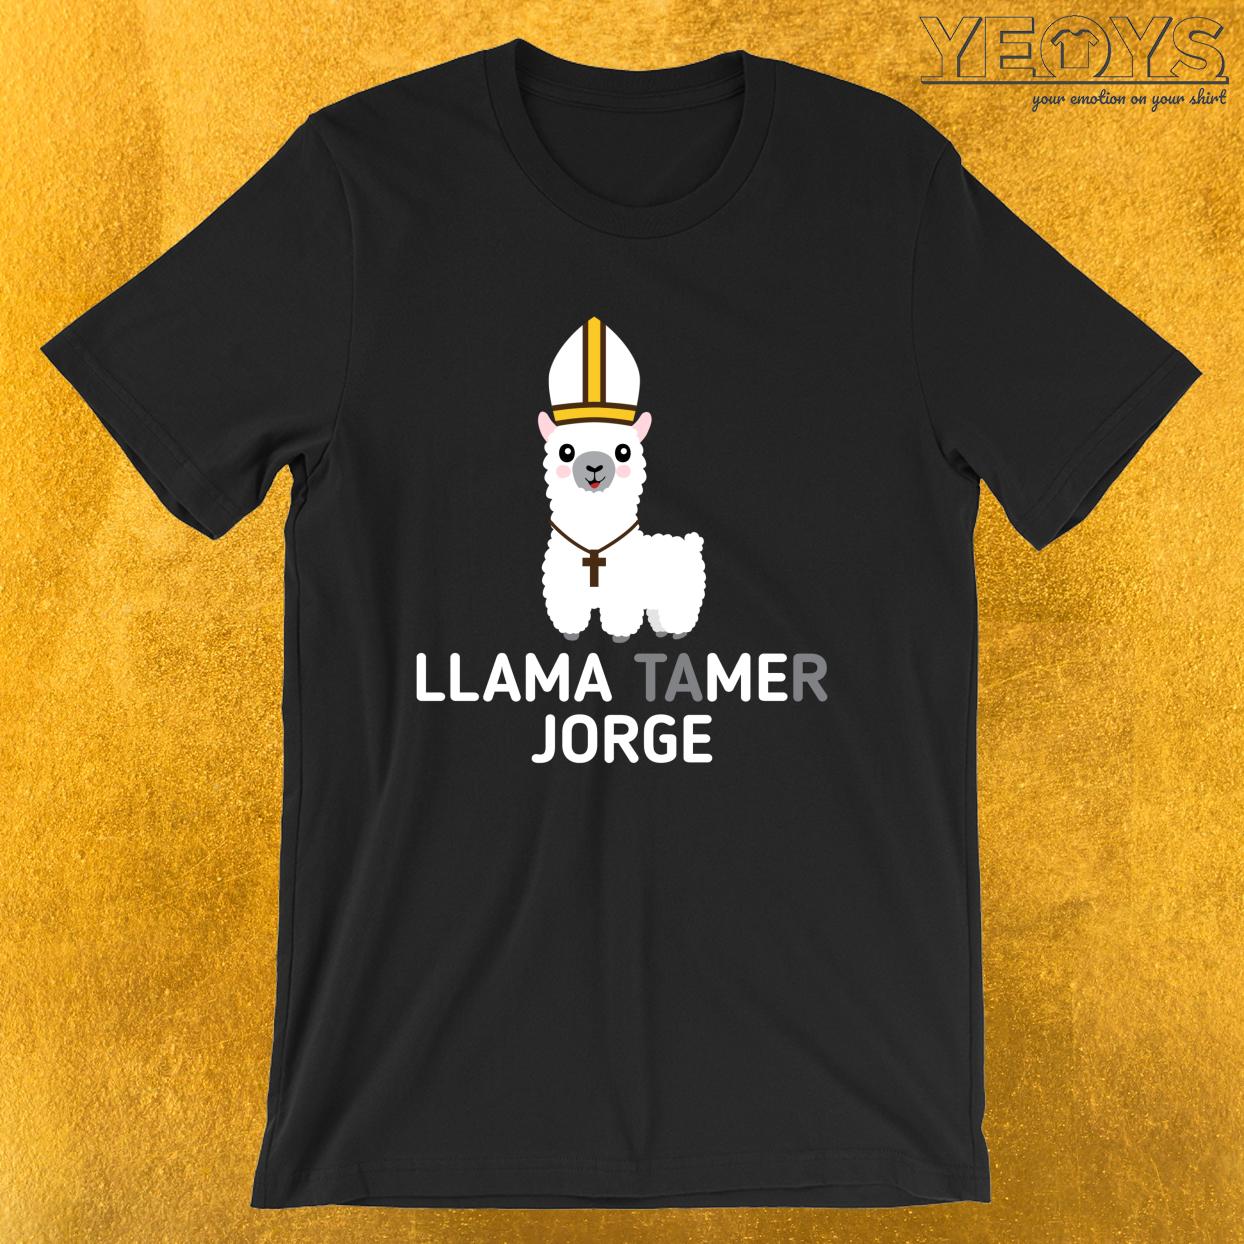 Llama Tamer Jorge – Funny Llama Puns Tee